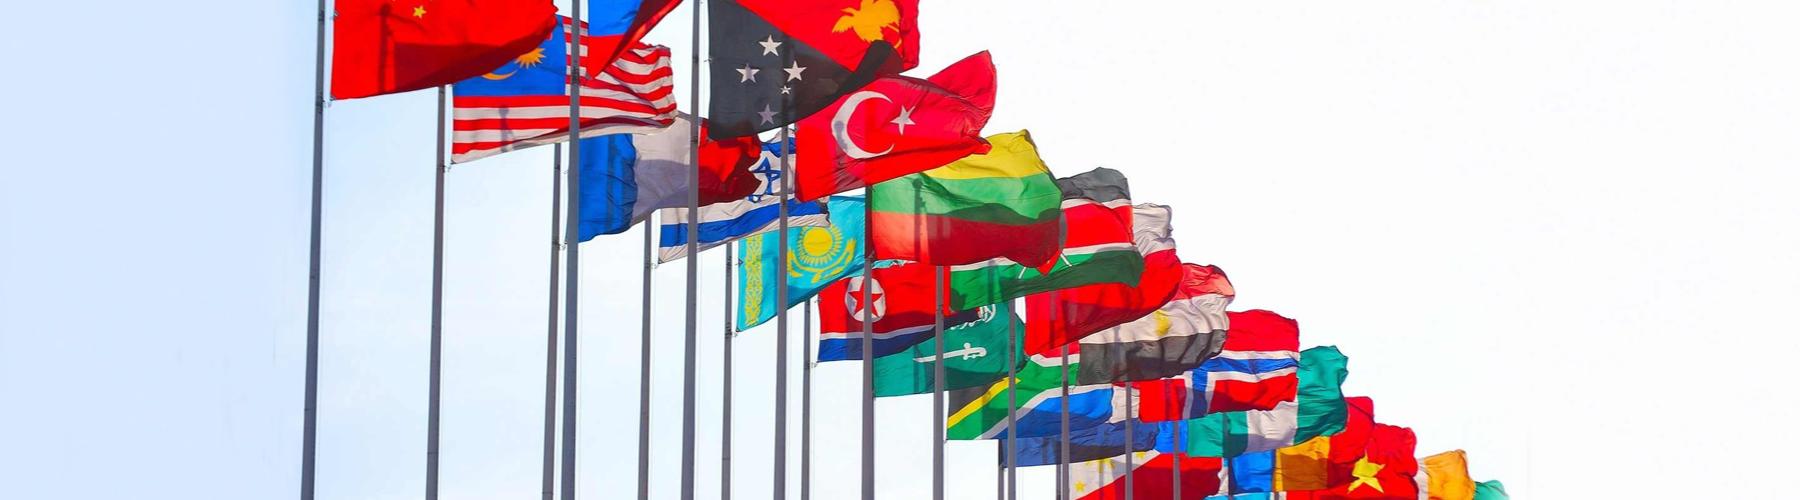 Quels pays ont les drapeaux les plus fous ?